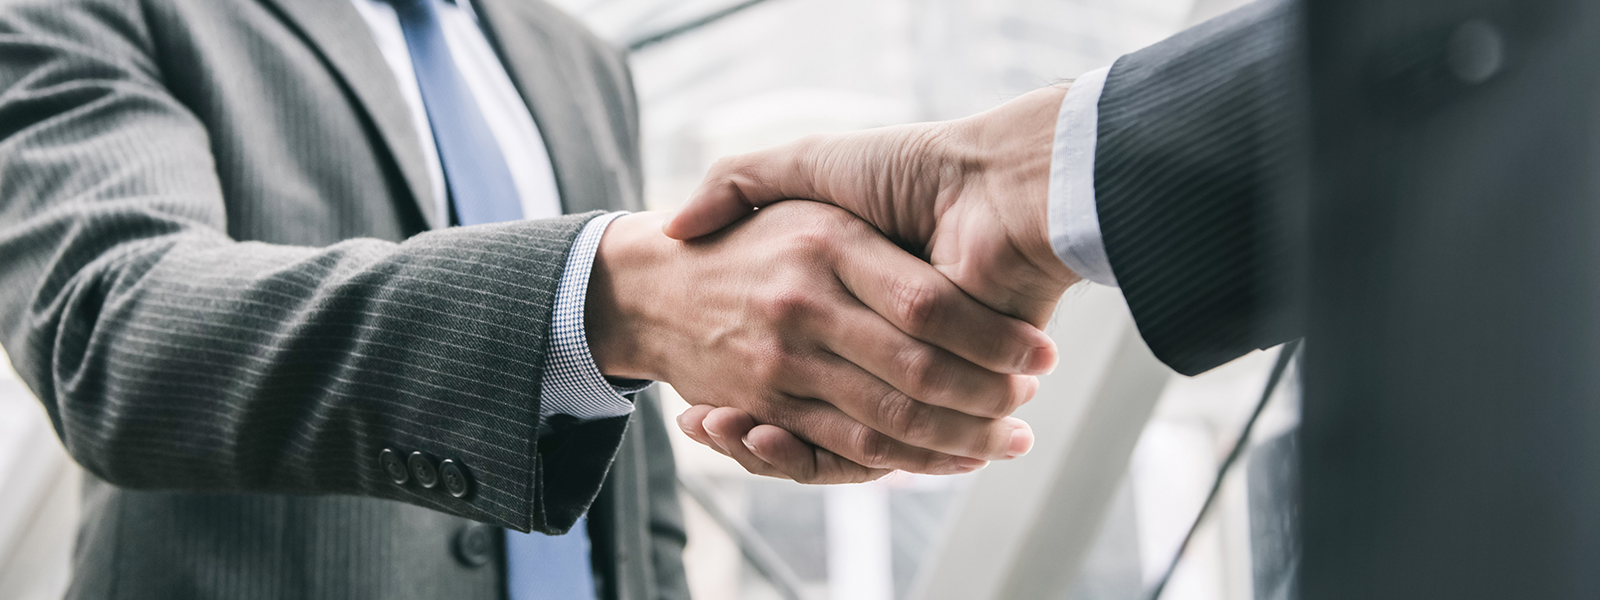 business-acquisition-deal